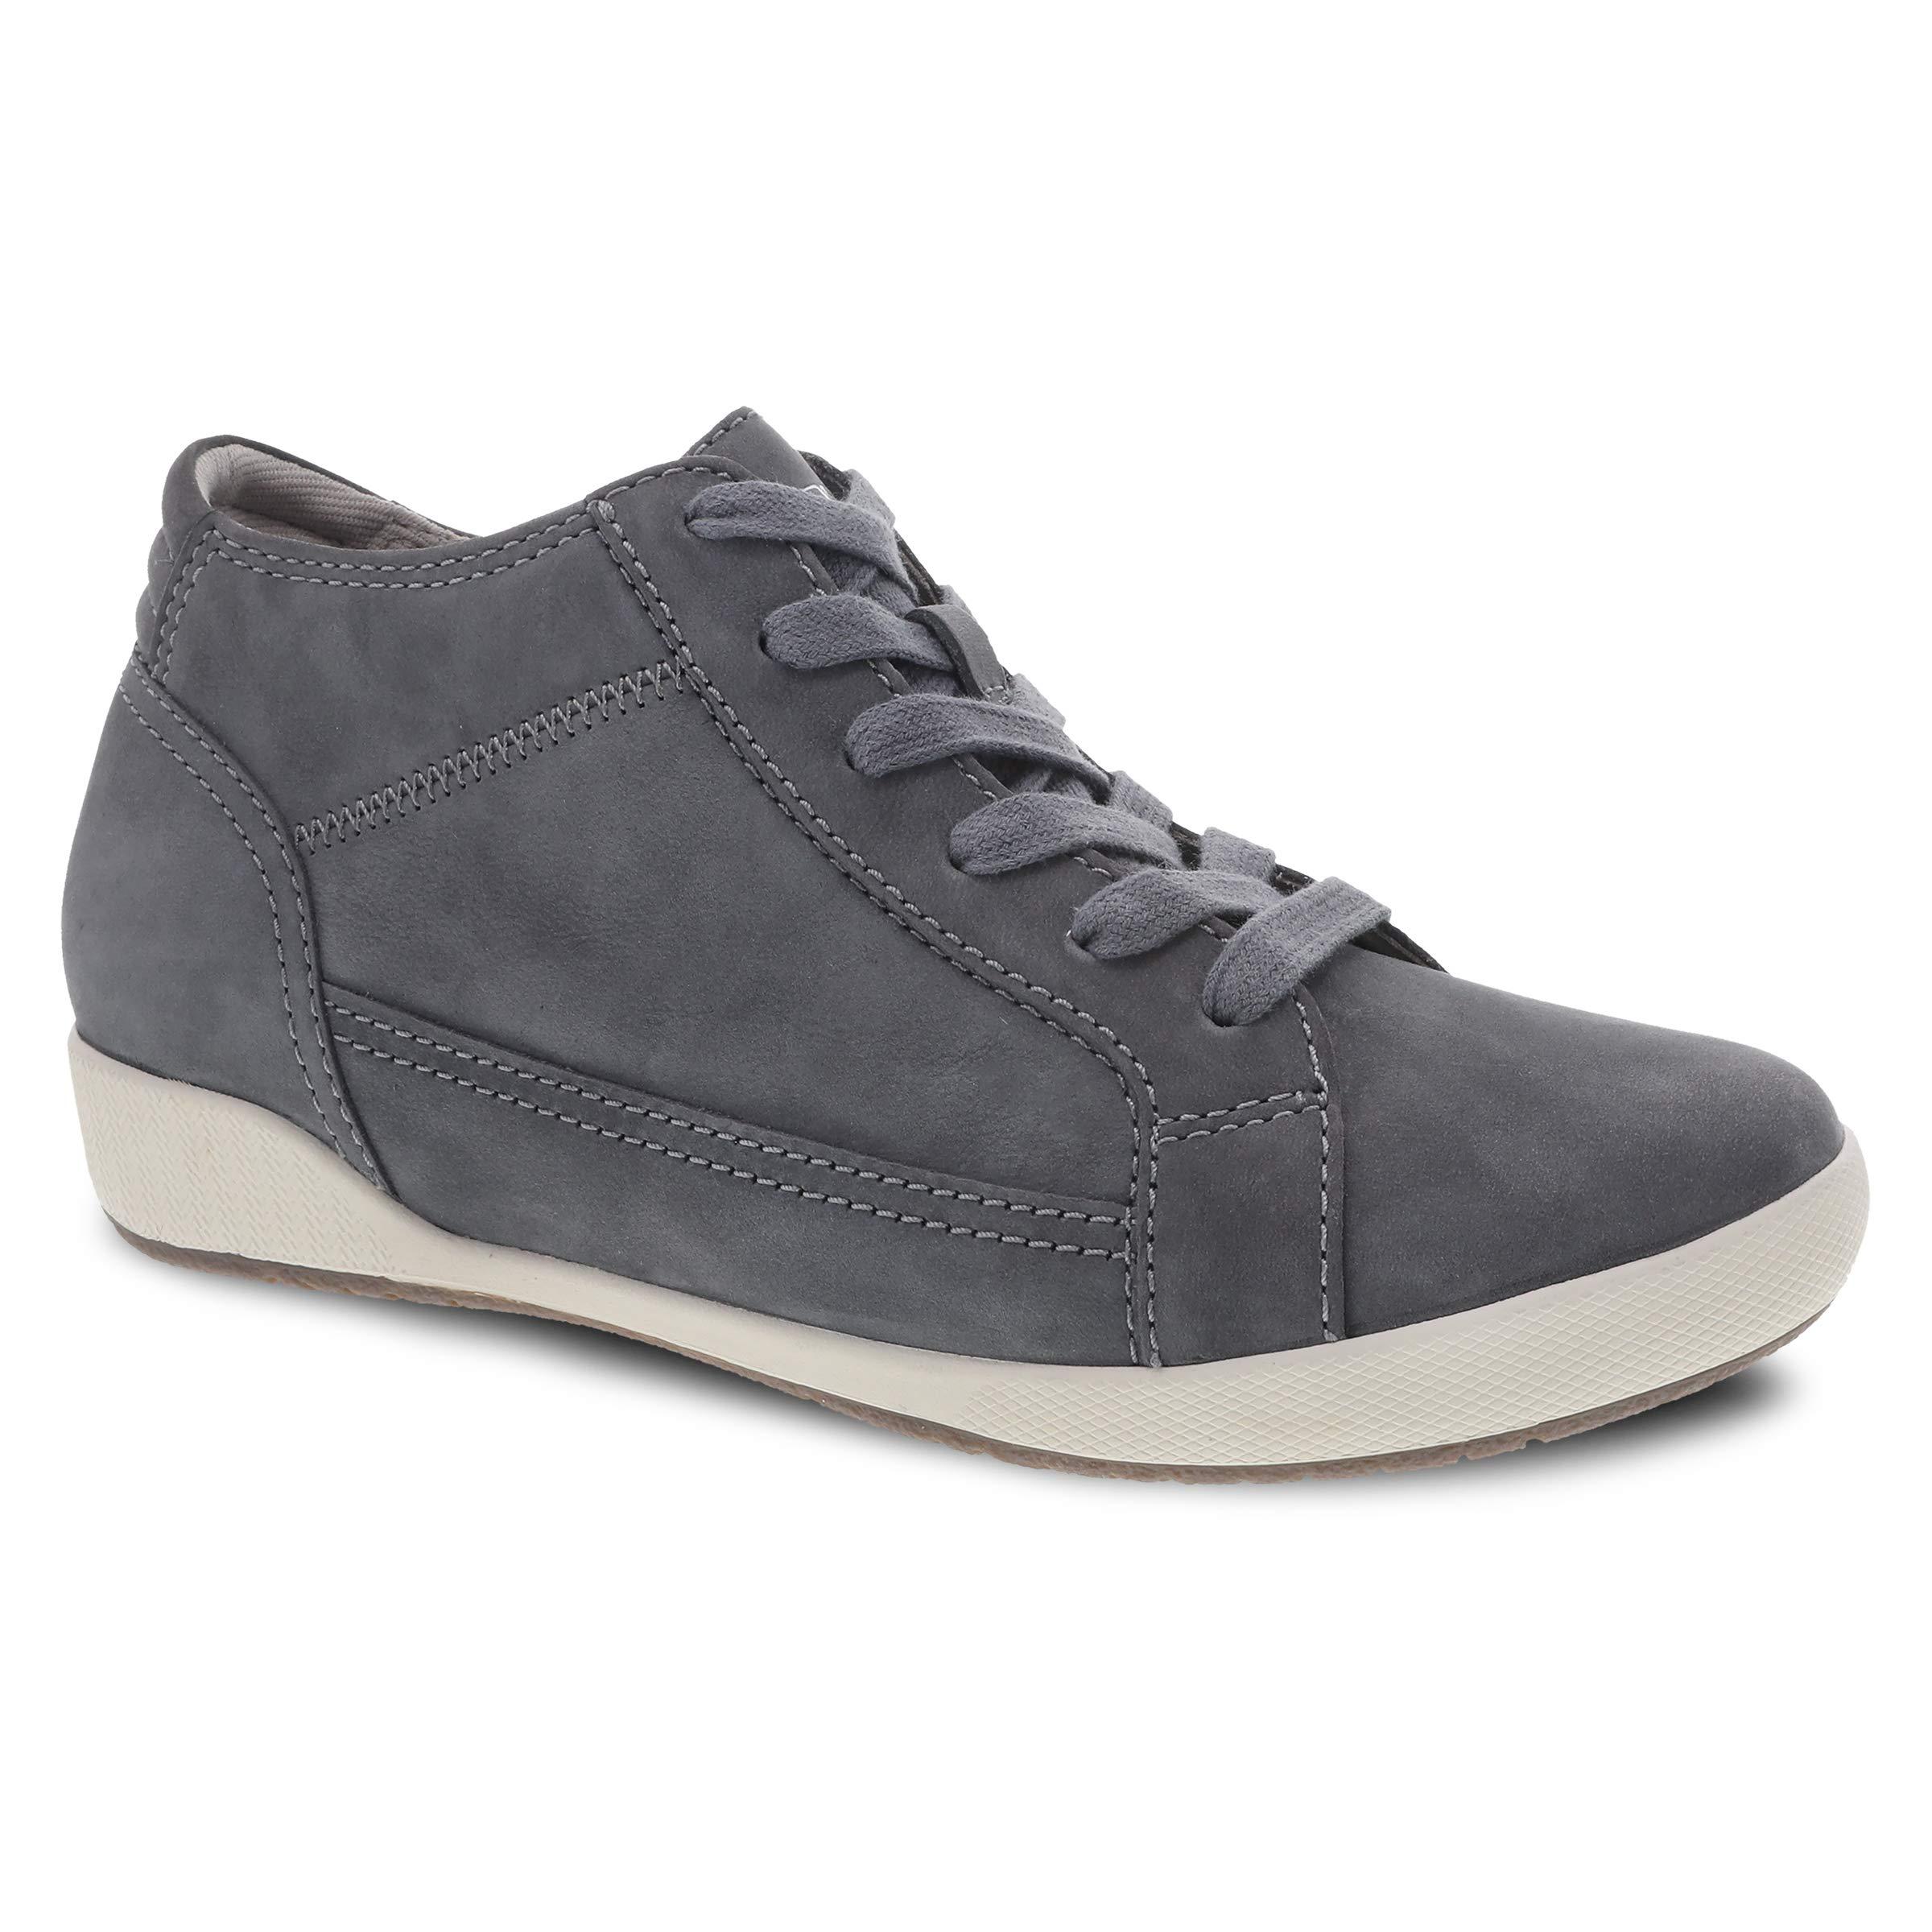 Dansko Womens Onyx Slate Sneaker